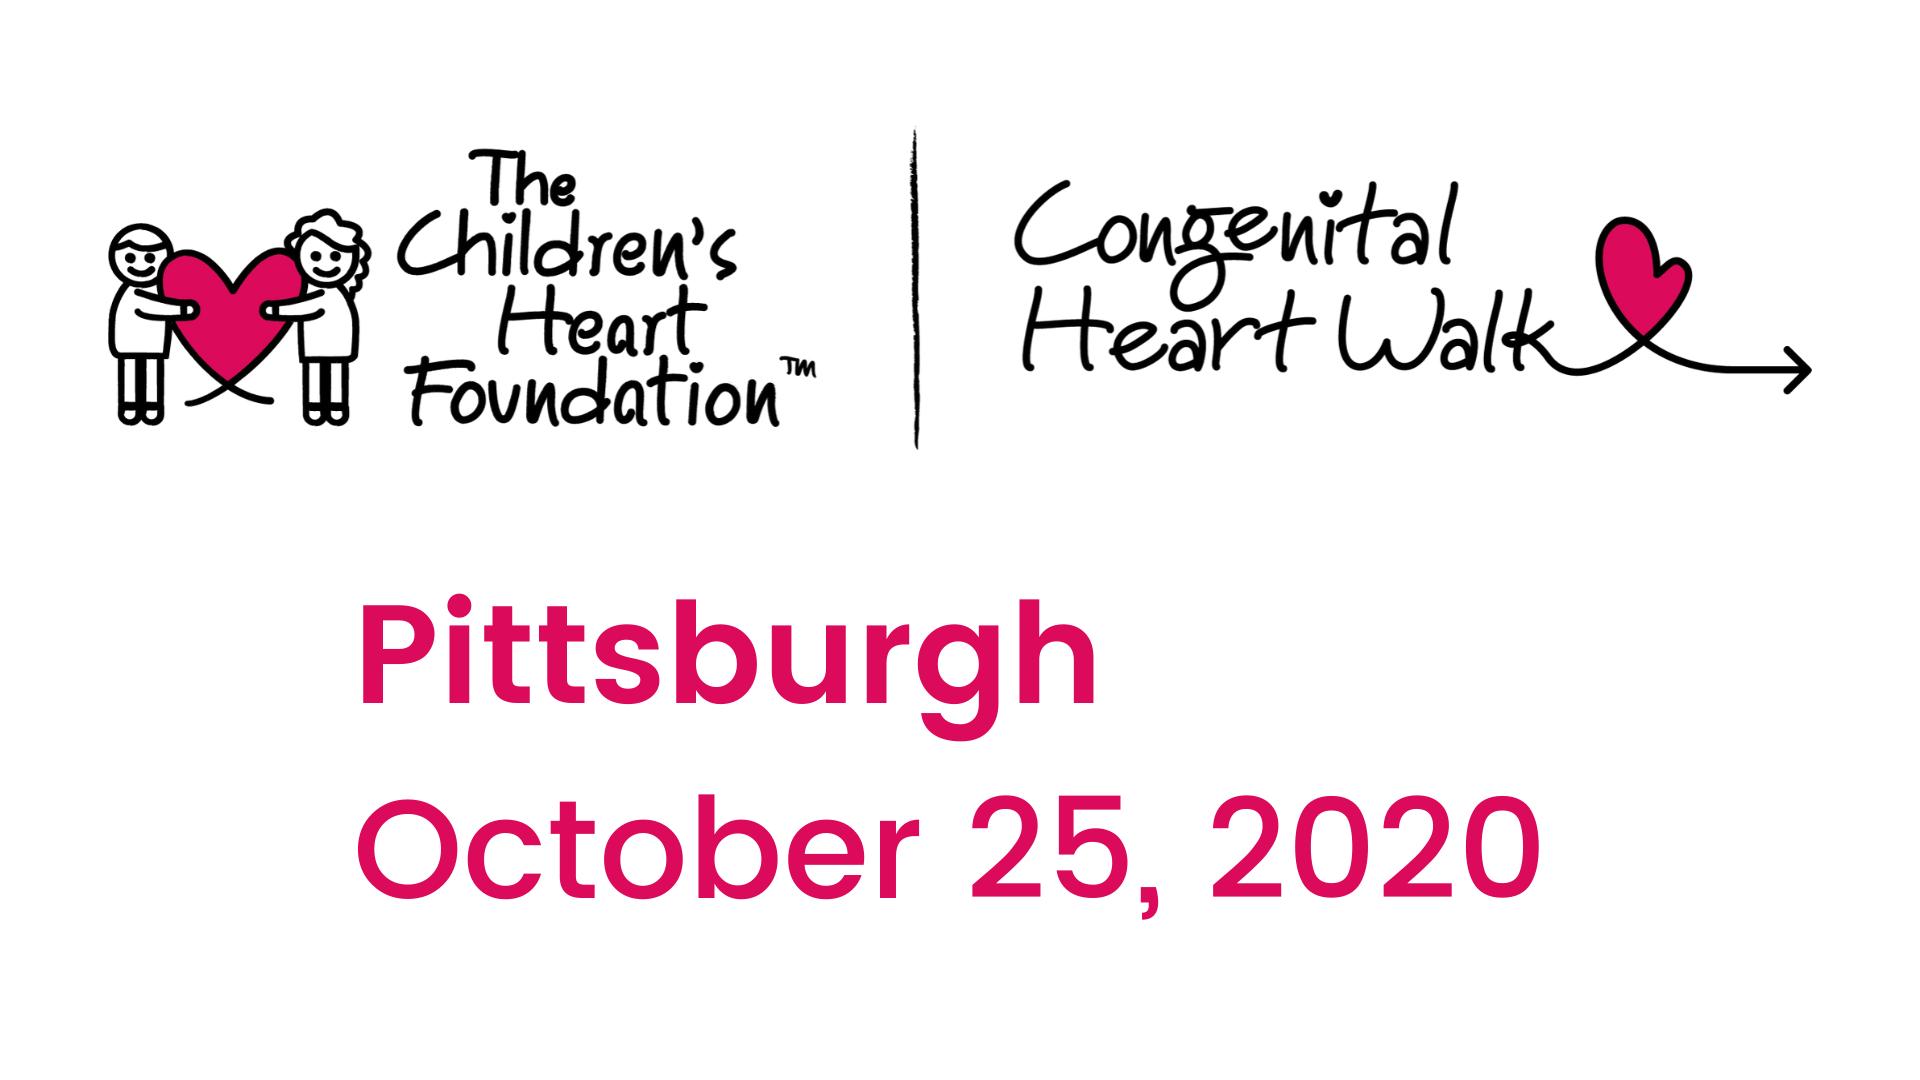 Pittsburgh Congenital Heart Walk (Pennsylvania)